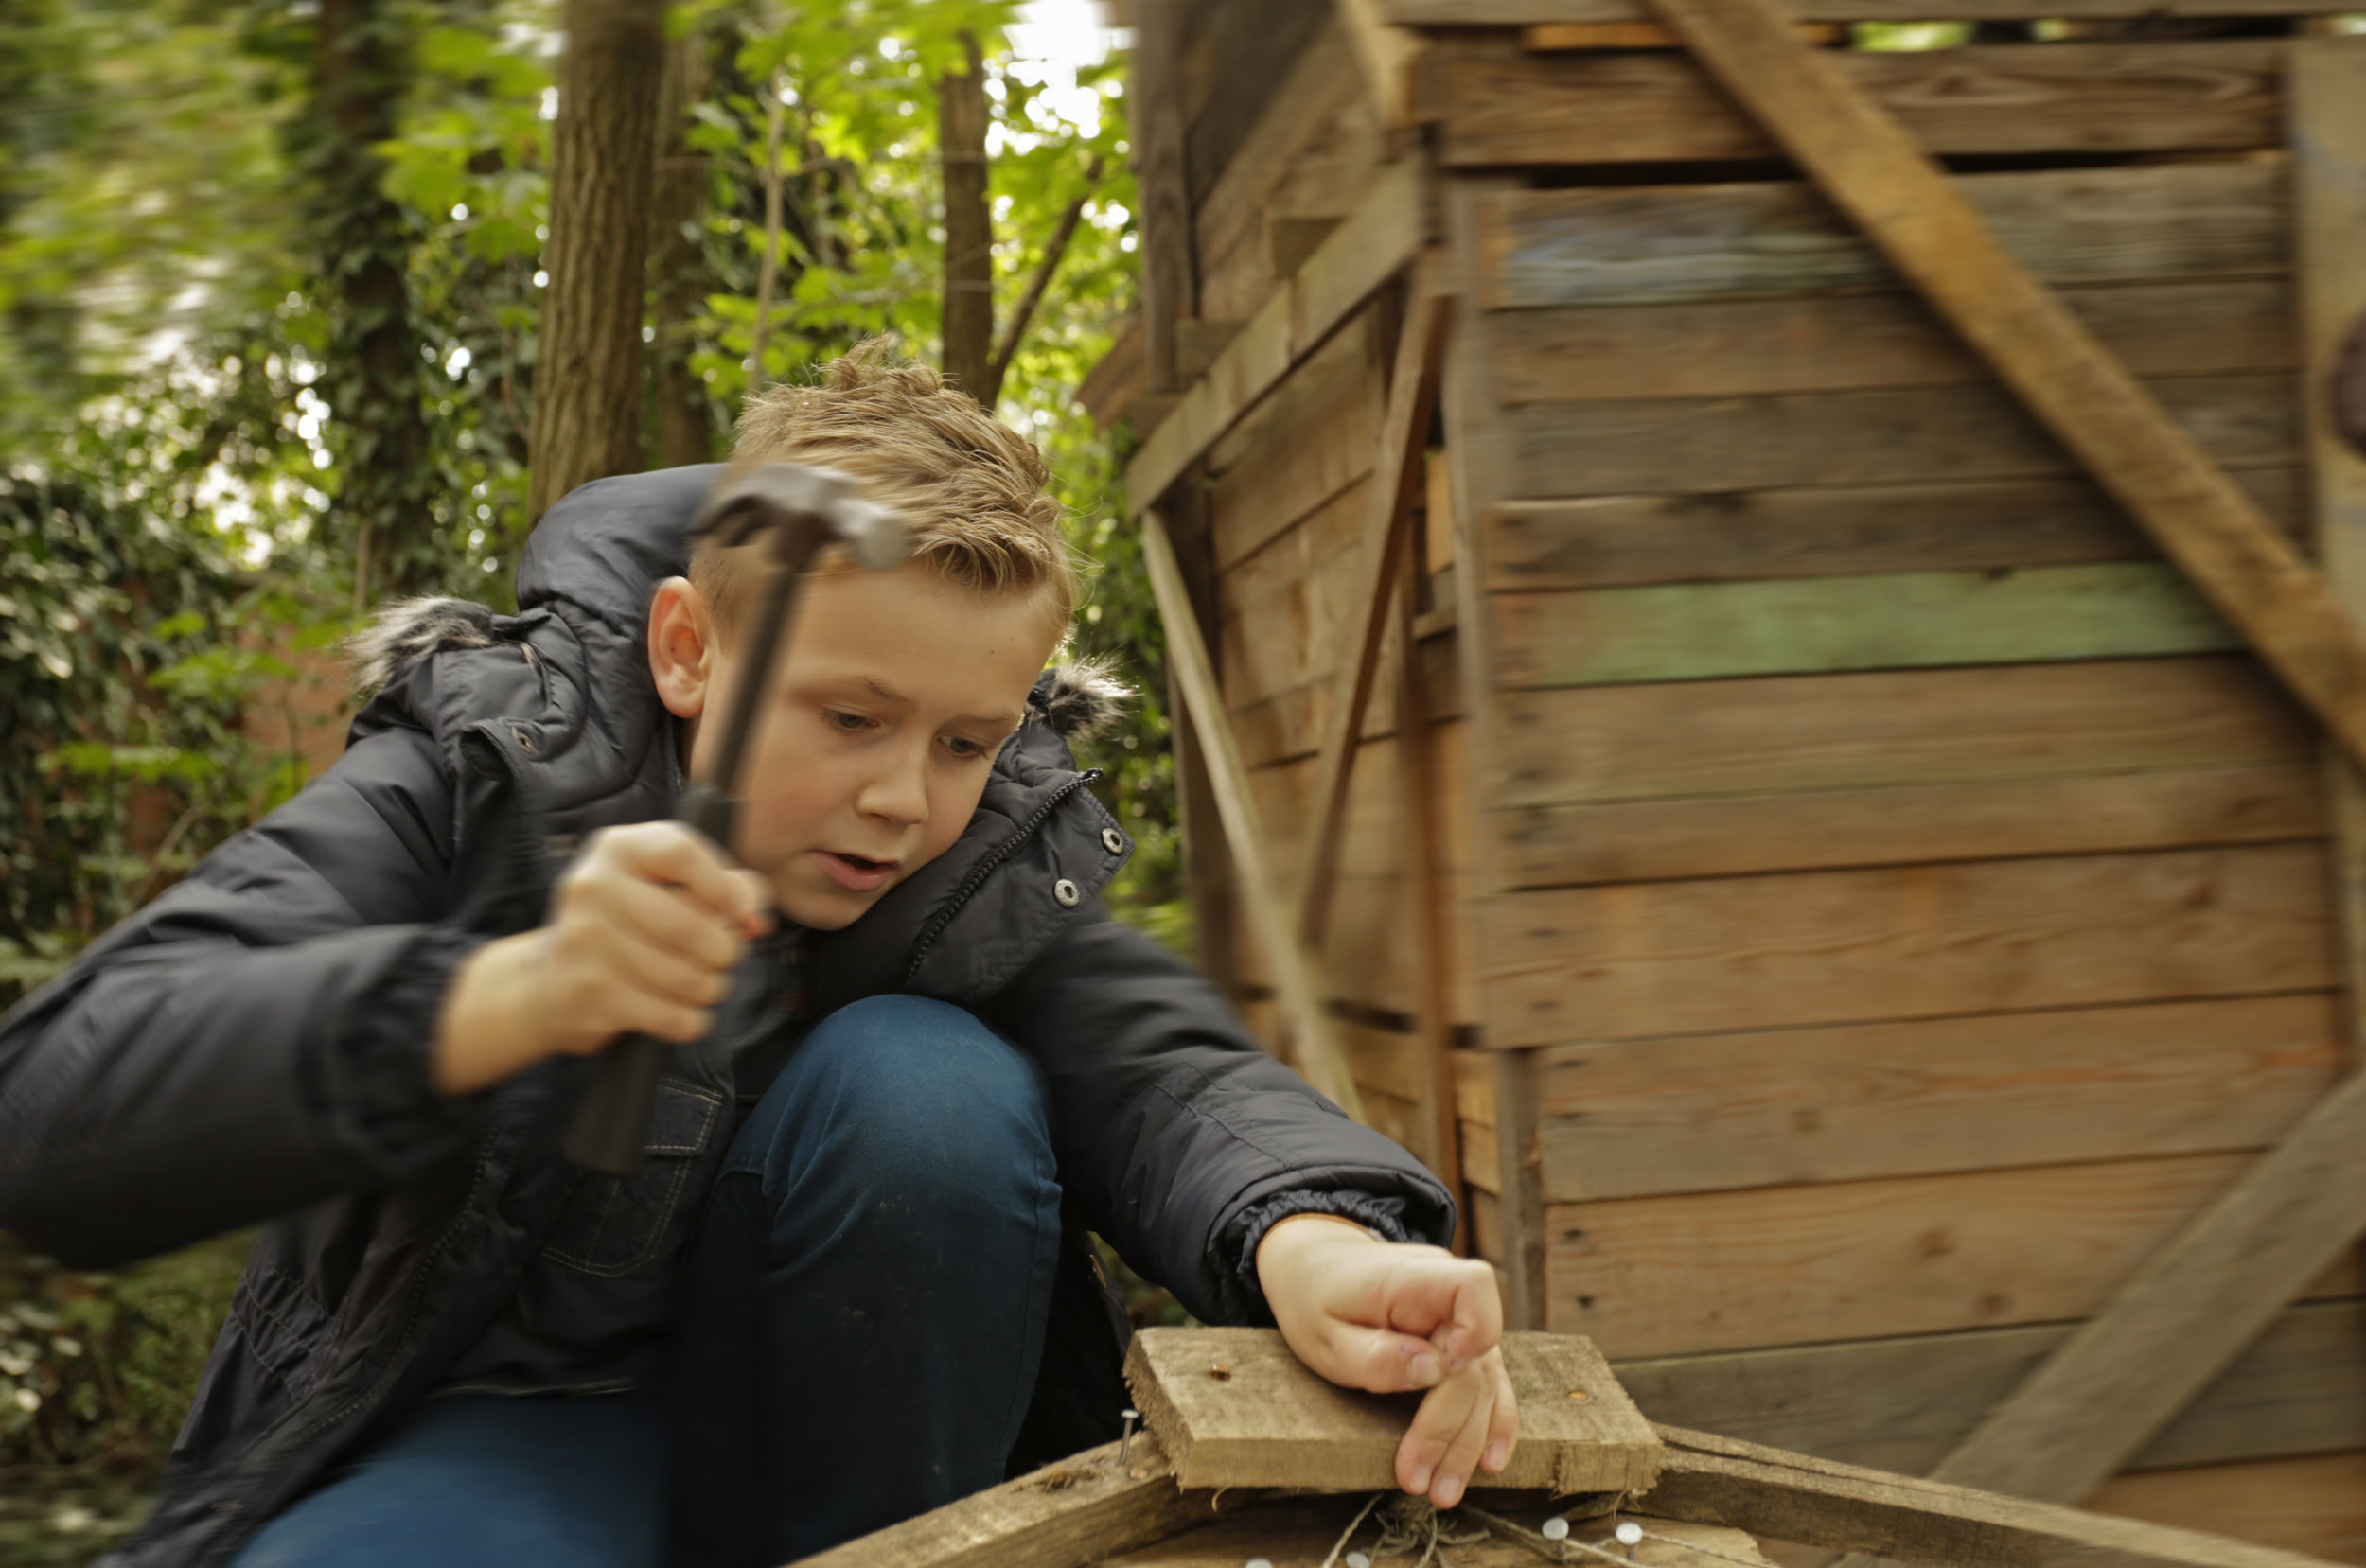 Bild aus dem Programm CHILDREN Entdecker (Kinderarmut): Junge mit Hammer